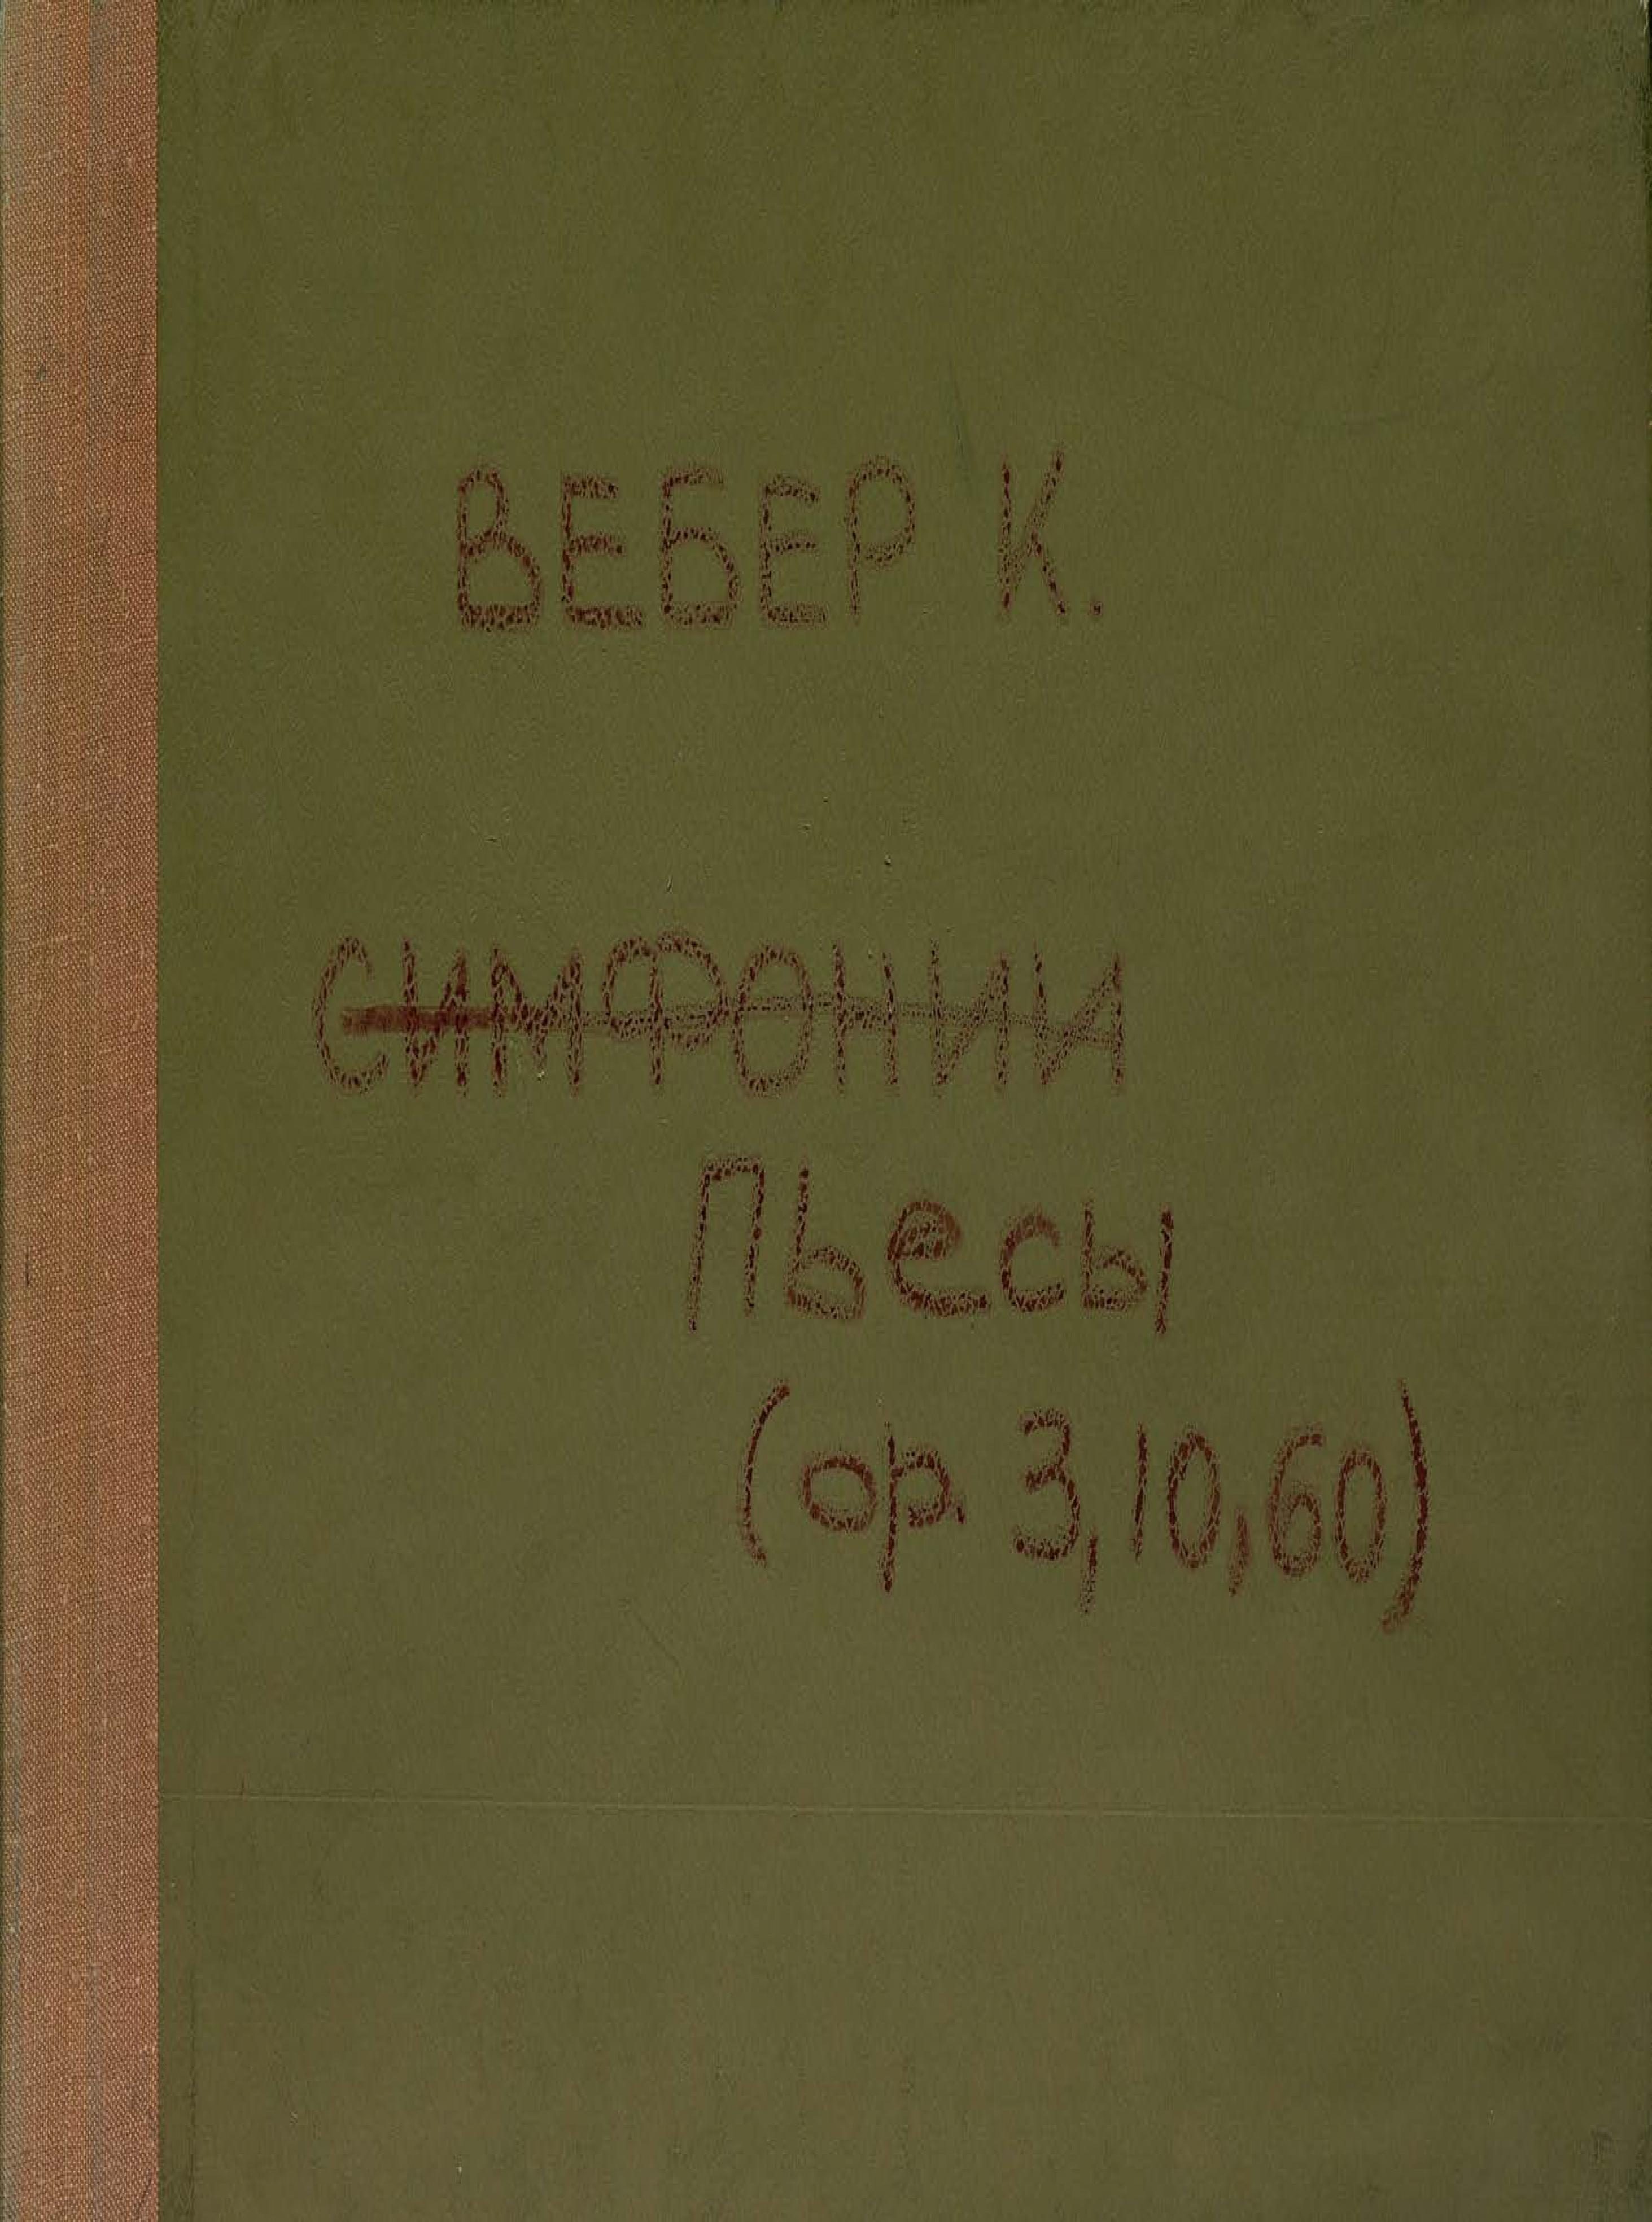 Карл Мария фон Вебер Compositionen fur Pianoforte zu 4 Hd. v. C.-M. von Weber verein fur schlesische insektenkunde zu breslau zeitschrift fur entomologie